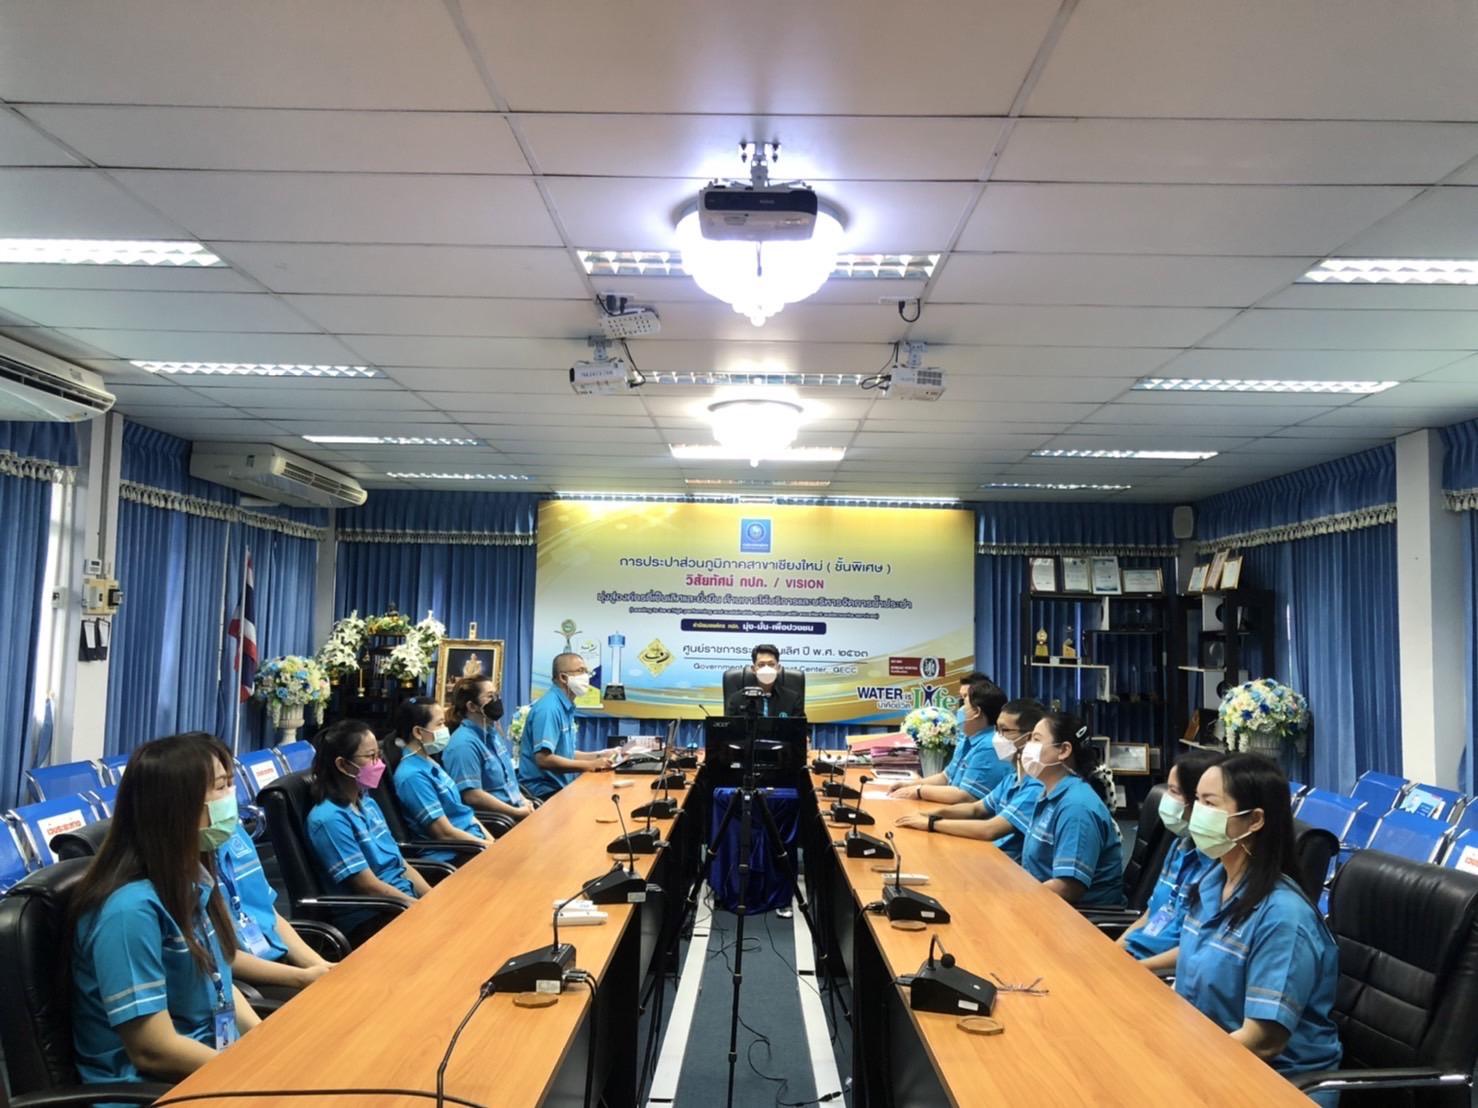 กปภ.ชม.(พ) ร่วมการประชุมศึกษาดูงานด้านการตลาดและการให้บริการลูกค้าของการไฟฟ้านครหลวง (กฟน.)